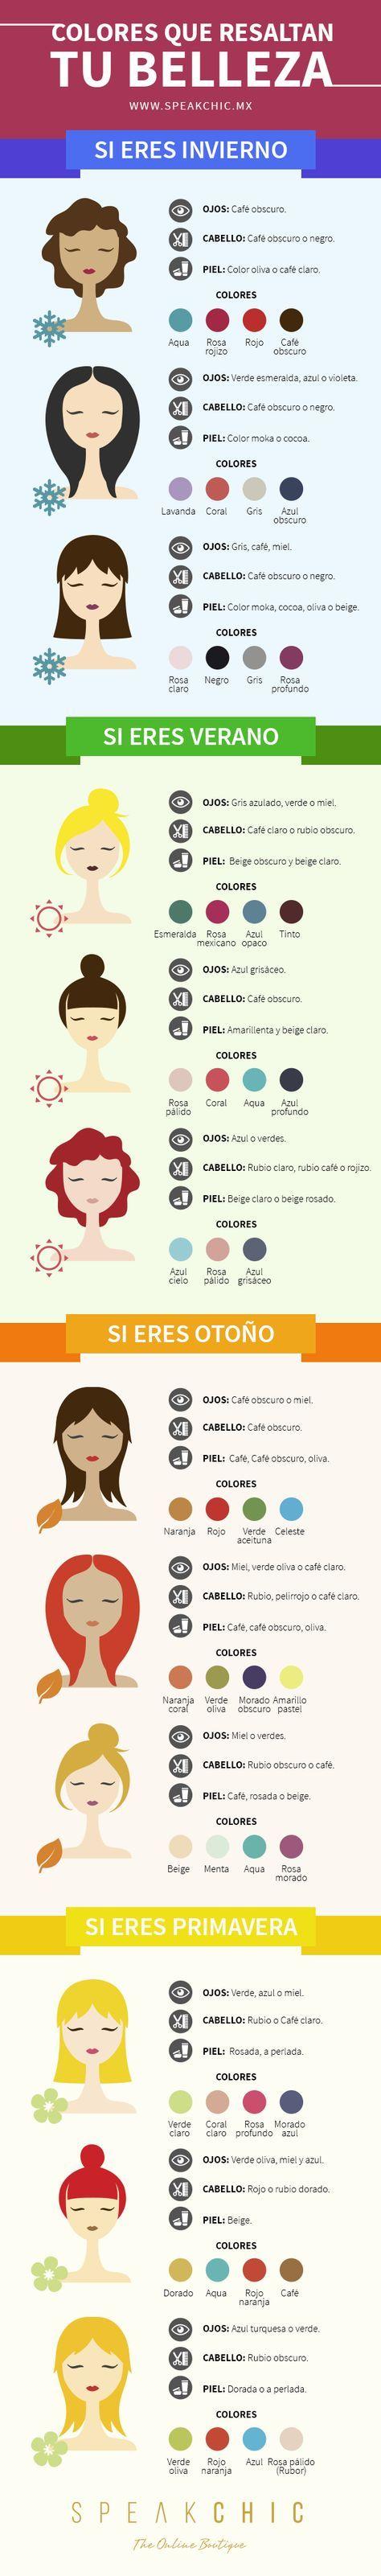 ¿Qué color de maquillaje te favorece? Aprende a aprovecharlo para verte increíble <3  infografía, maquillaje, makeup, colores, tonos, estaciones, piel, cabello, pelo, combinación